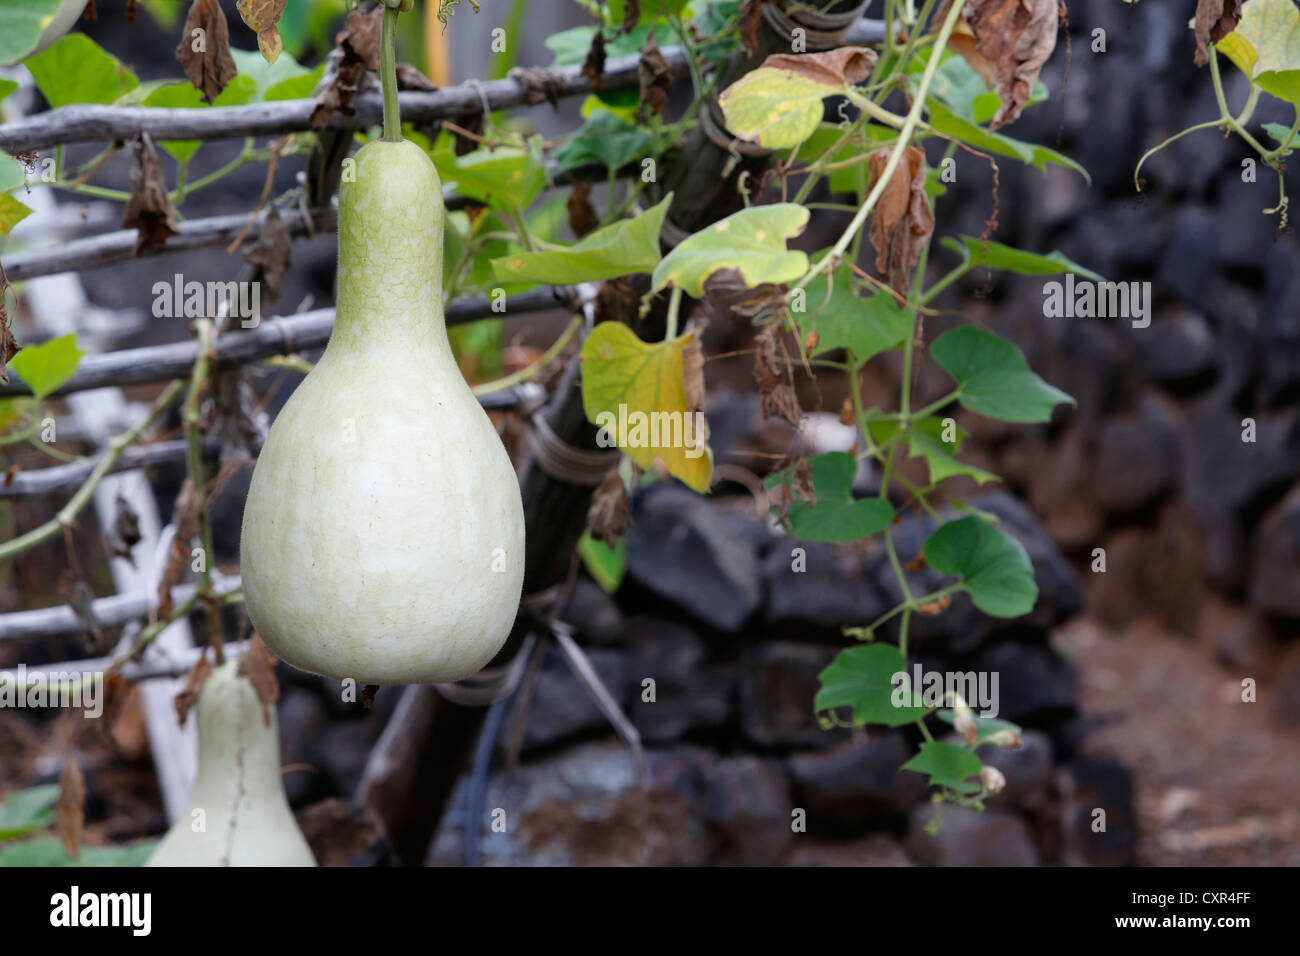 Calabaza (Lagenaria siceraria botella) cultivadas para uso tradicional como un contenedor de líquidos de hula instrumento Foto de stock